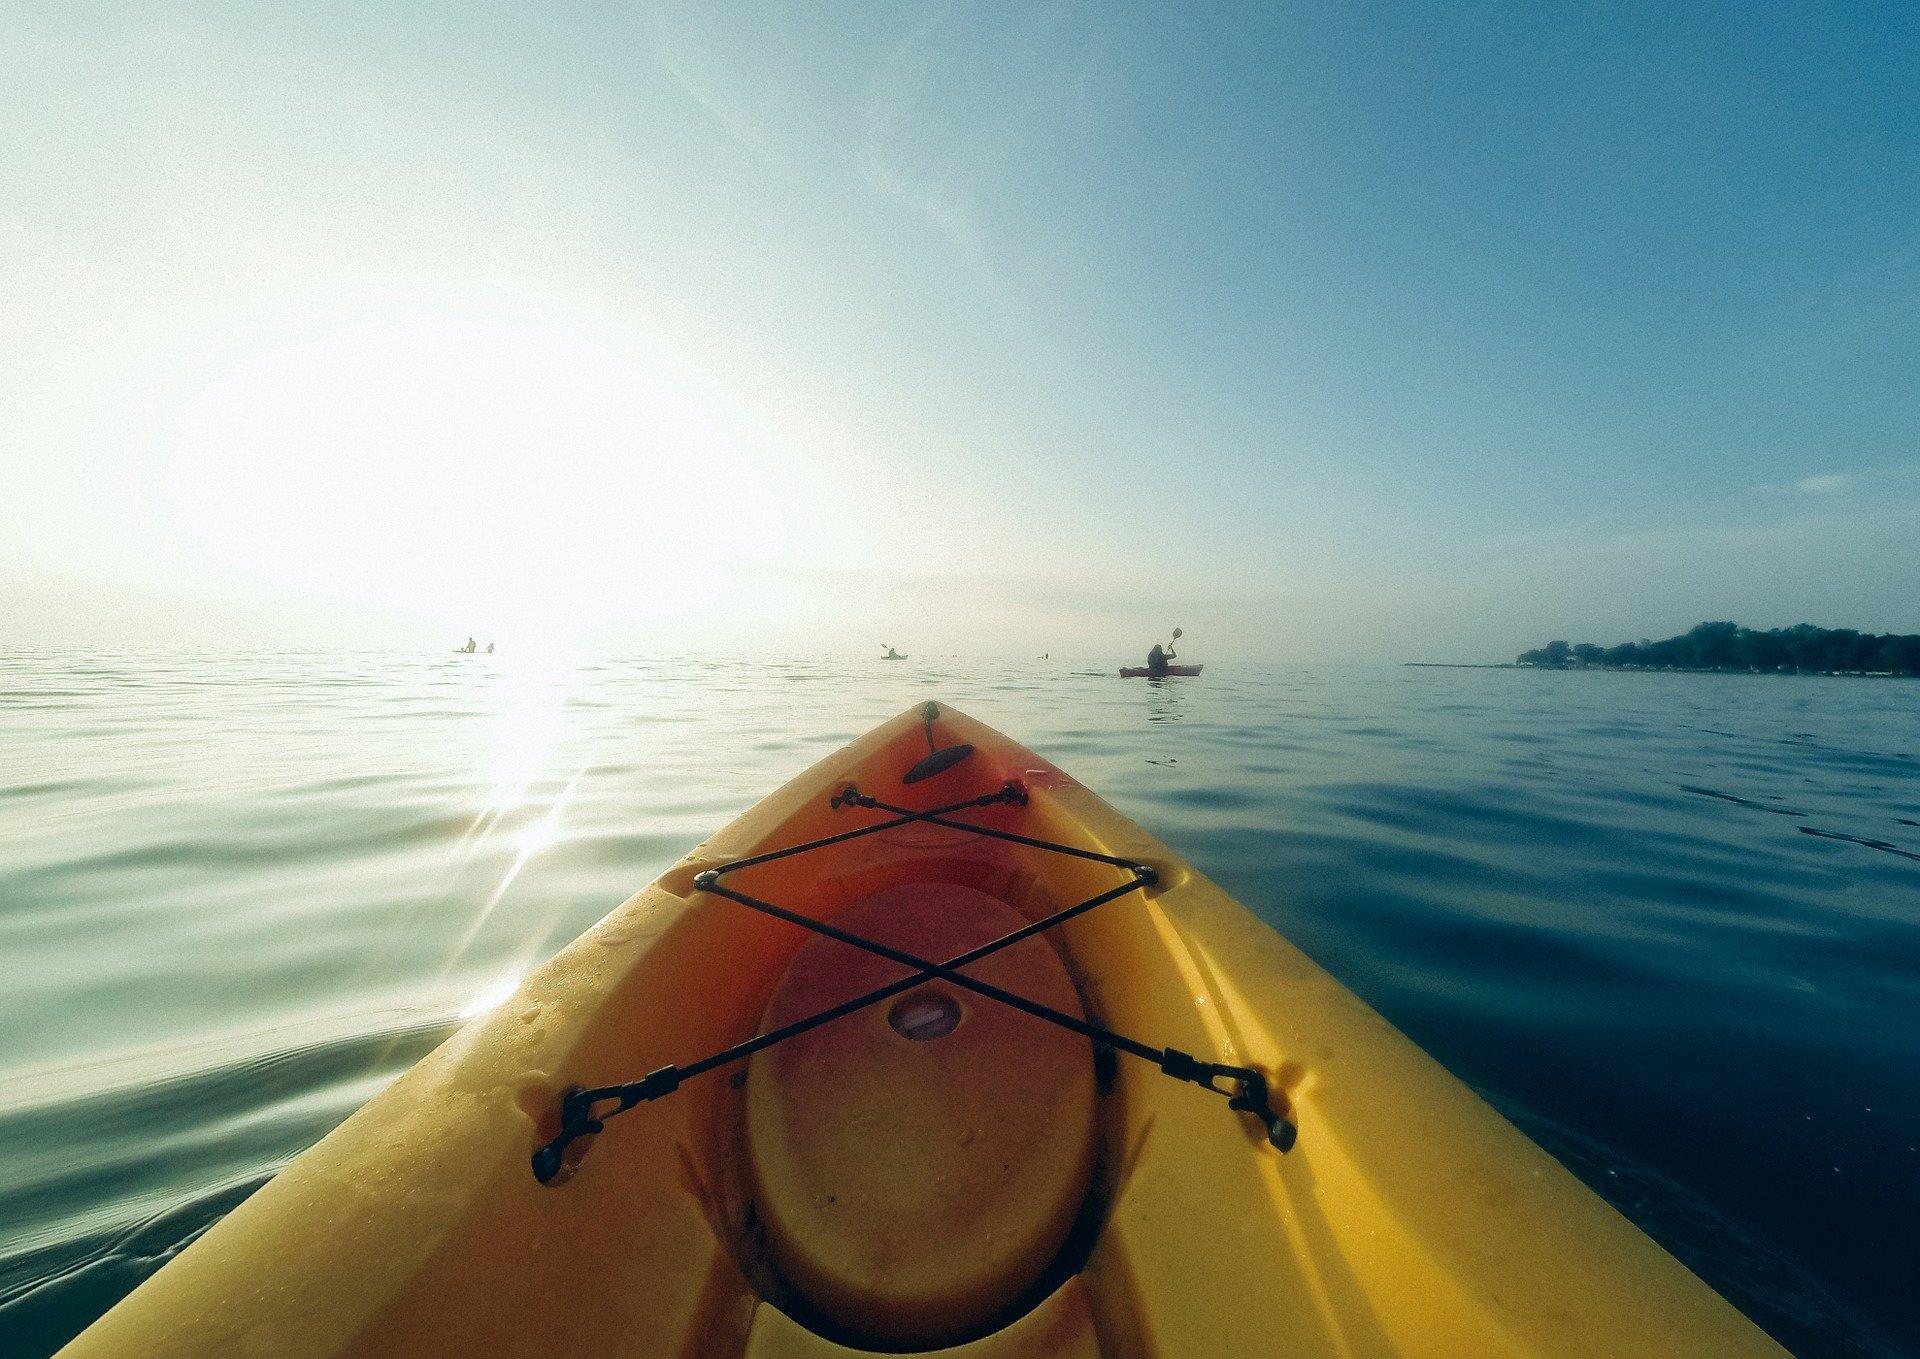 Imagem mostra o bico de um caiaque amarelo no mar, com o sol forte ao fundo, e o céu azul.